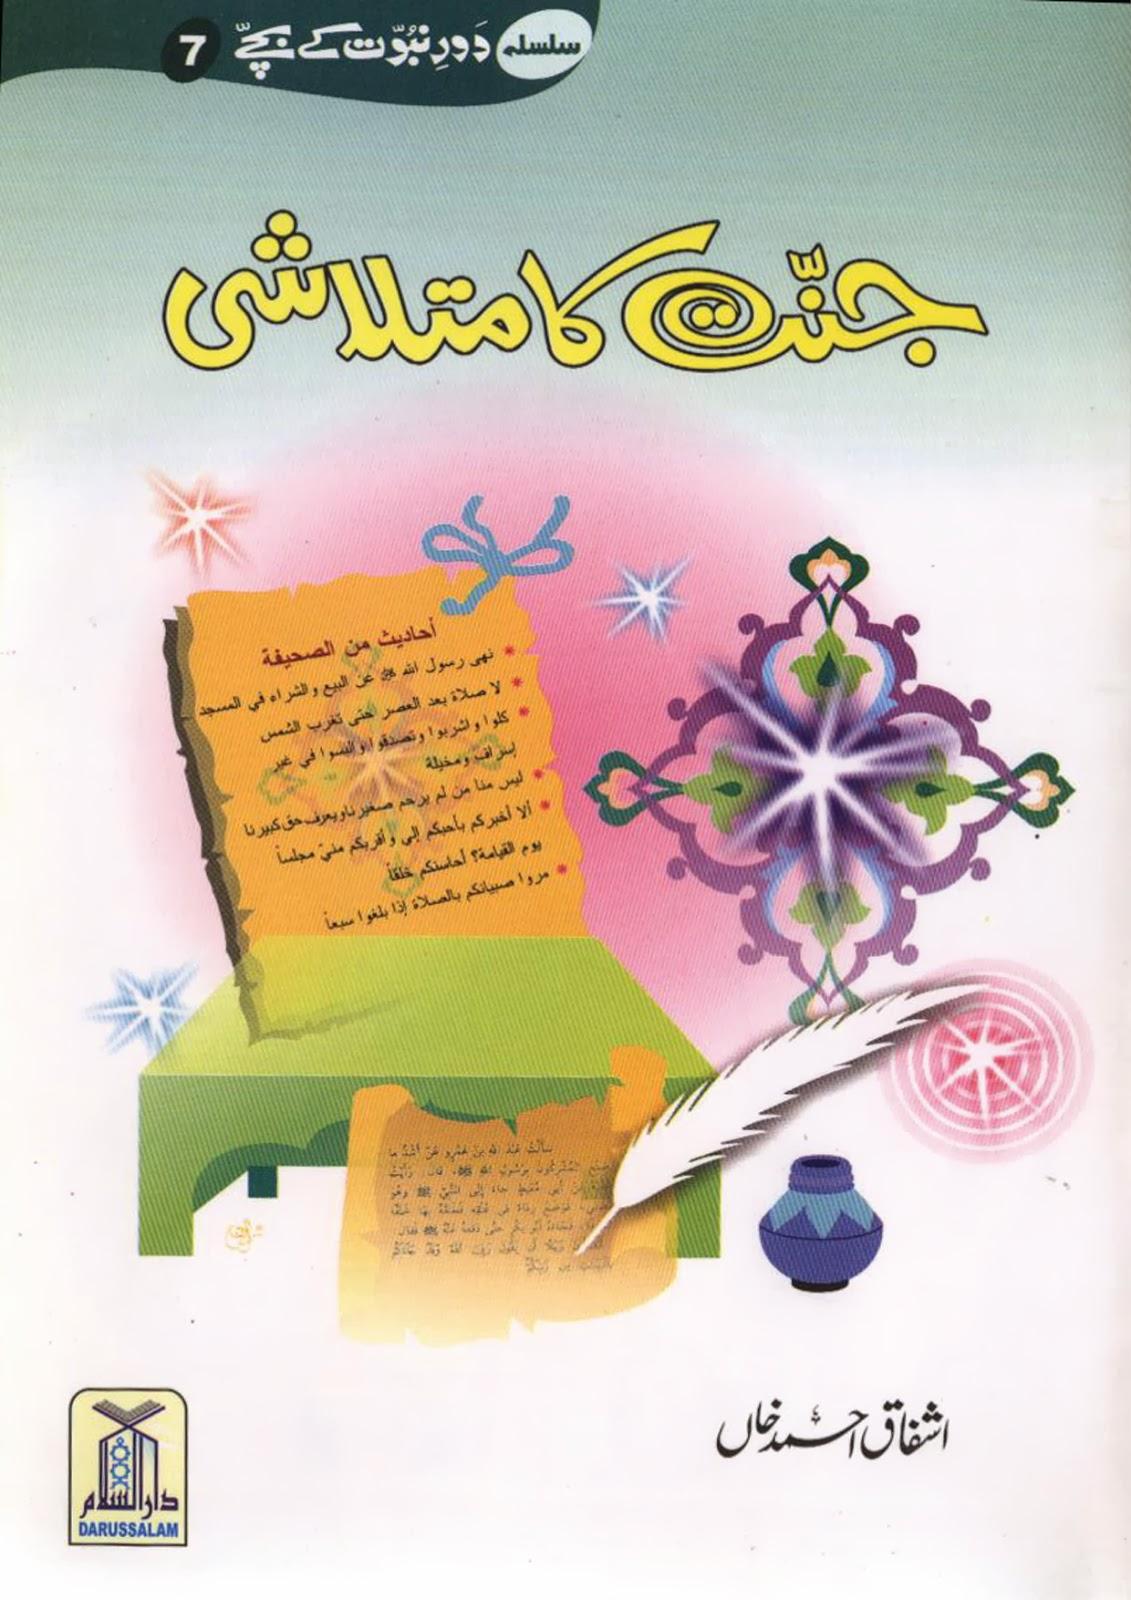 http://urduguru1.blogspot.com/2014/02/janat-ka-matlish-abdullah-bin-amar-ra.html